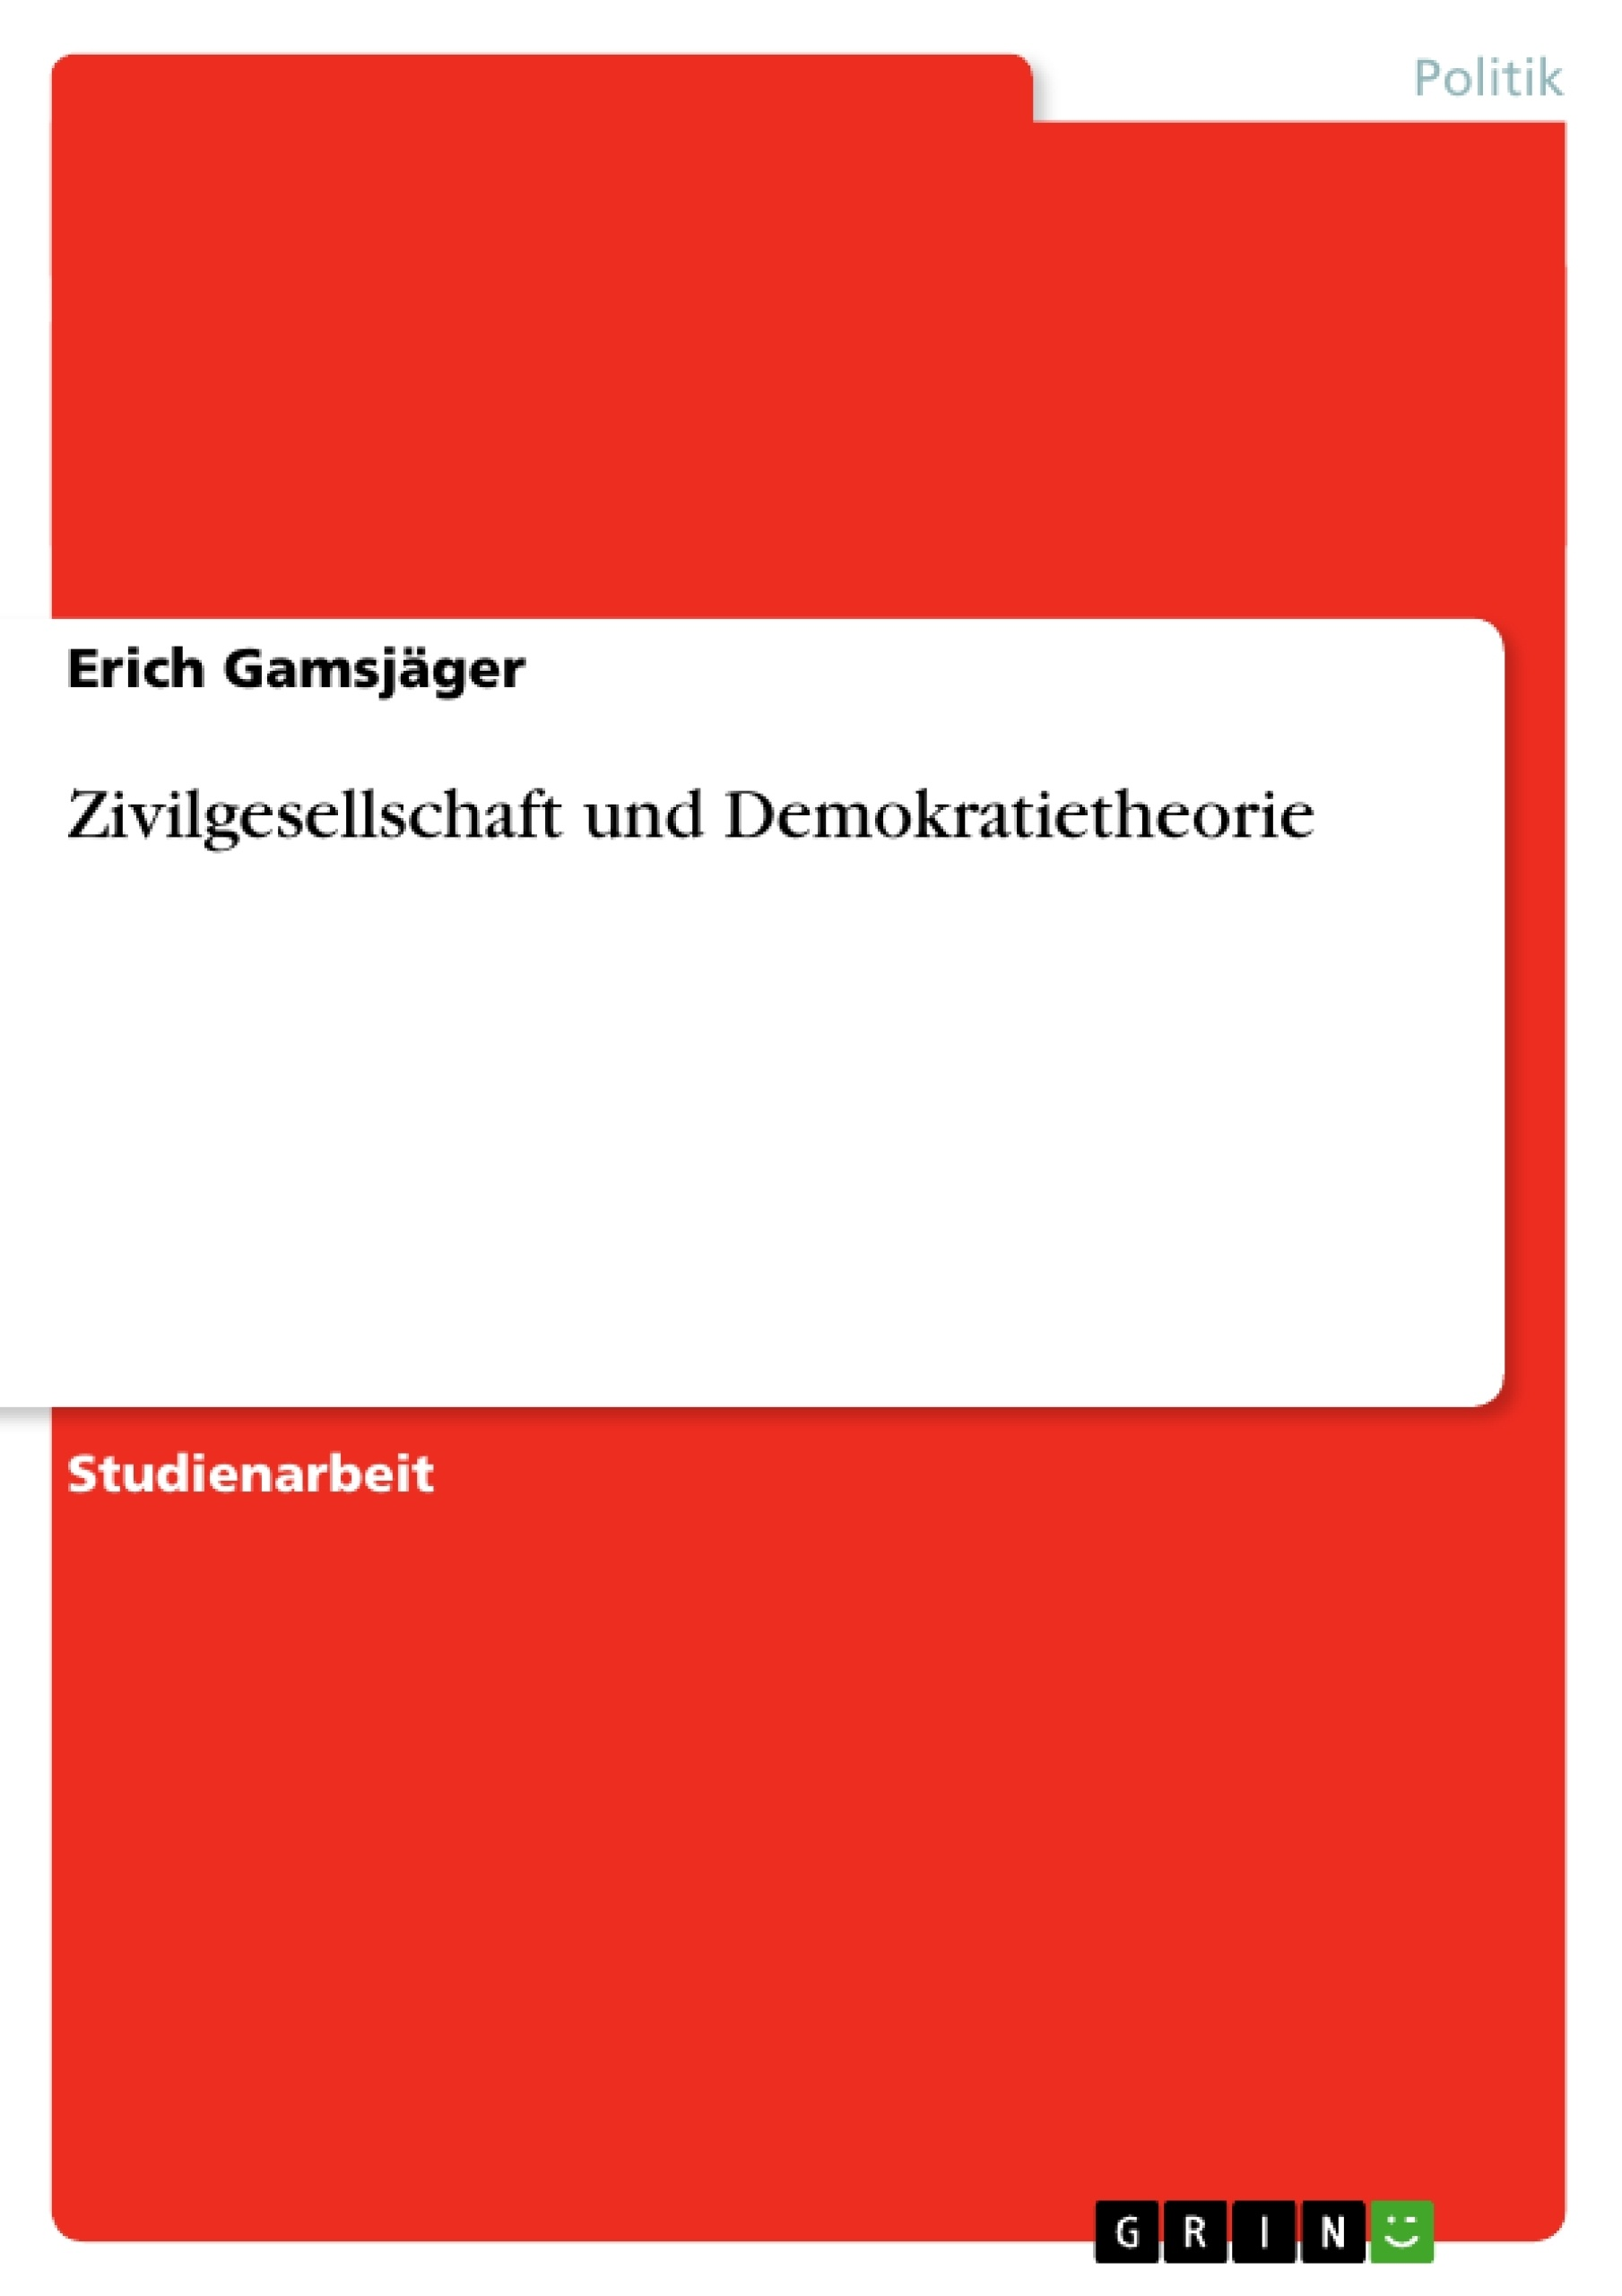 Titel: Zivilgesellschaft und Demokratietheorie